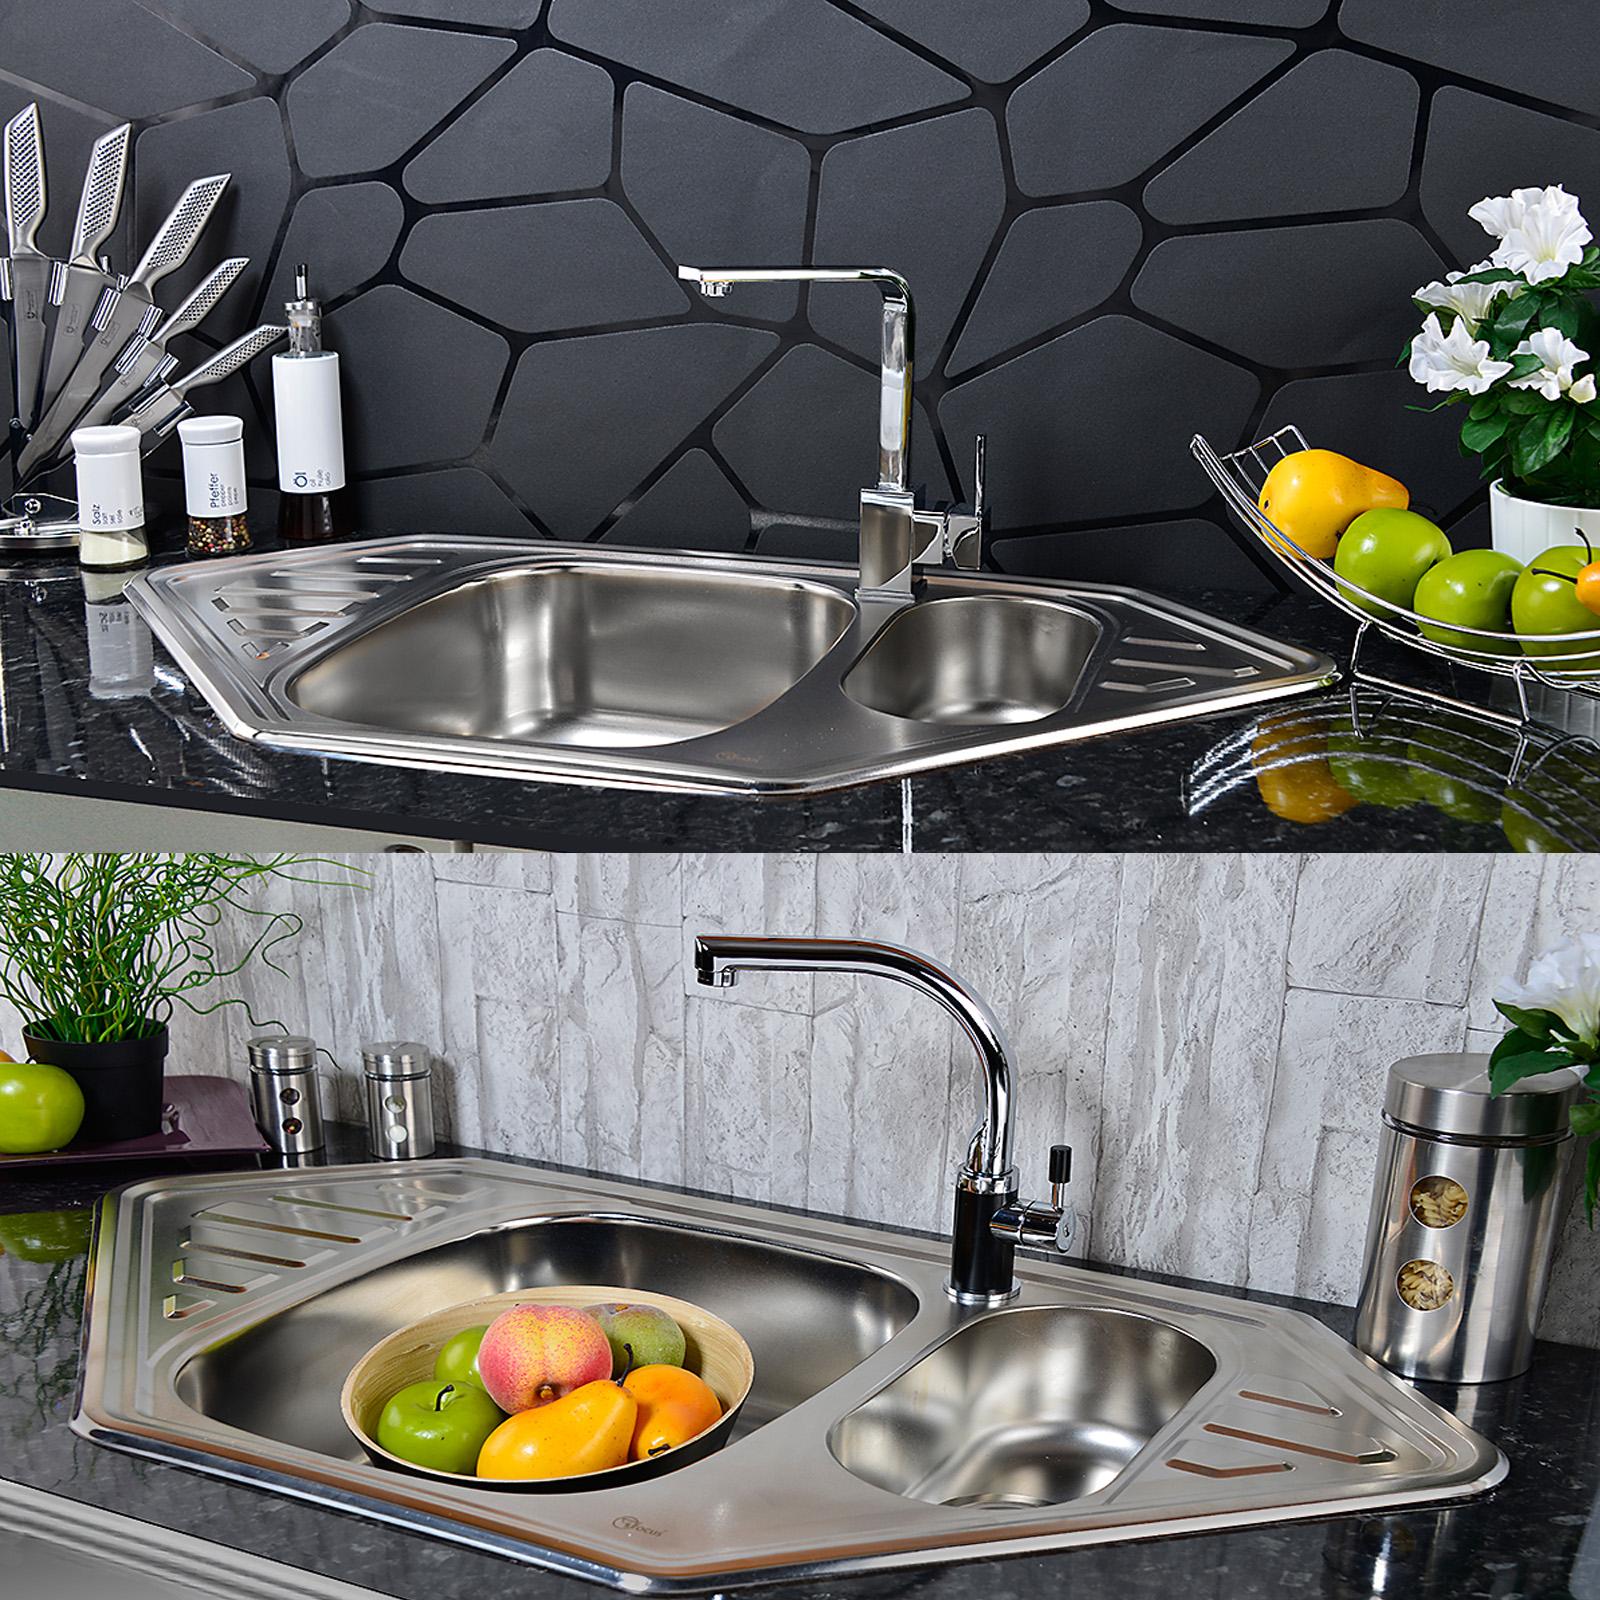 Fantastisch Ebay Verwendet Küchenspülen Bilder - Ideen Für Die Küche ...